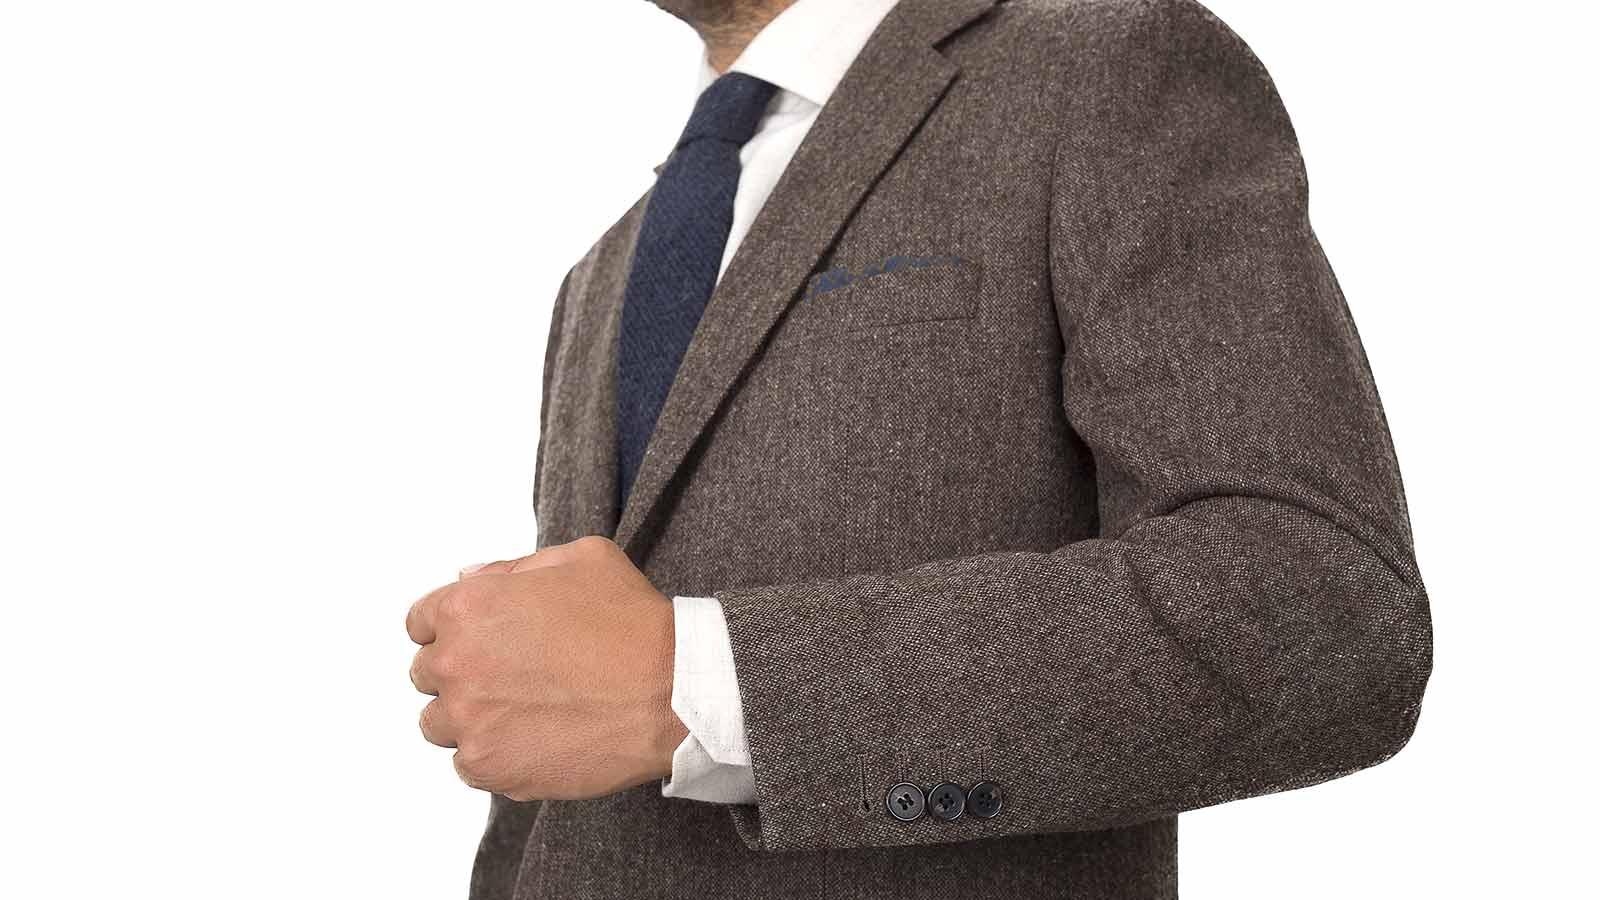 Suit in Natural Brown Tweed - slider image